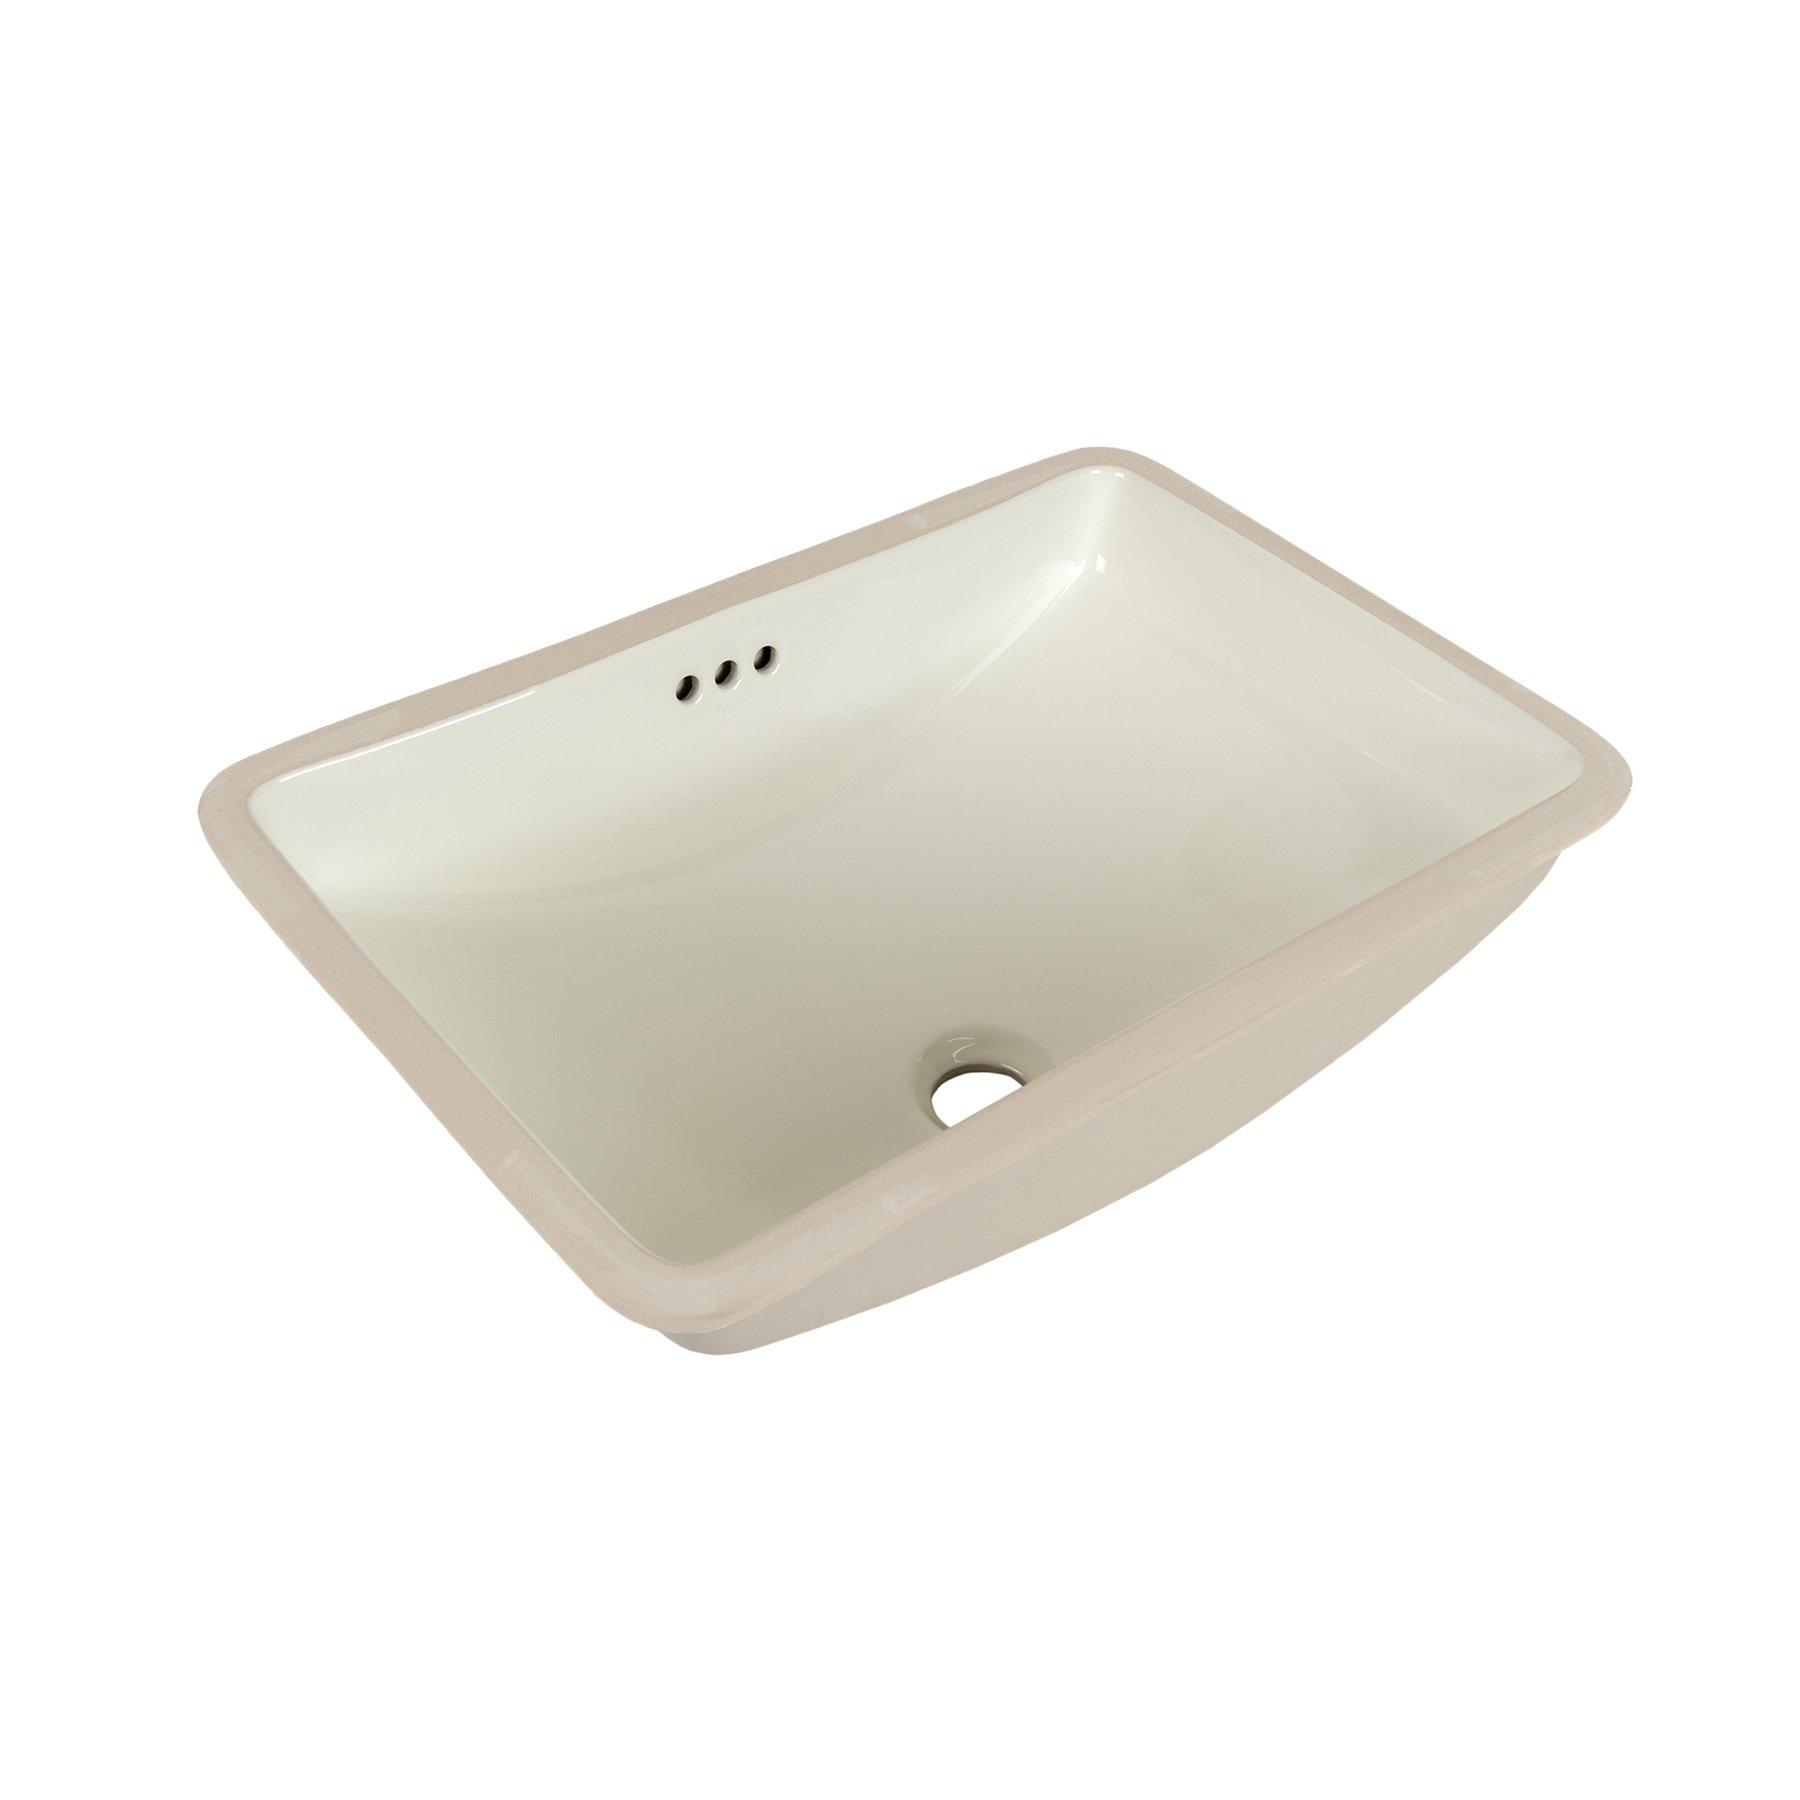 MAYKKE Bristol 20'' x 14'' Ceramic Undermount Bathroom Vanity Sink in Biscuit, YSA1092002 by Maykke